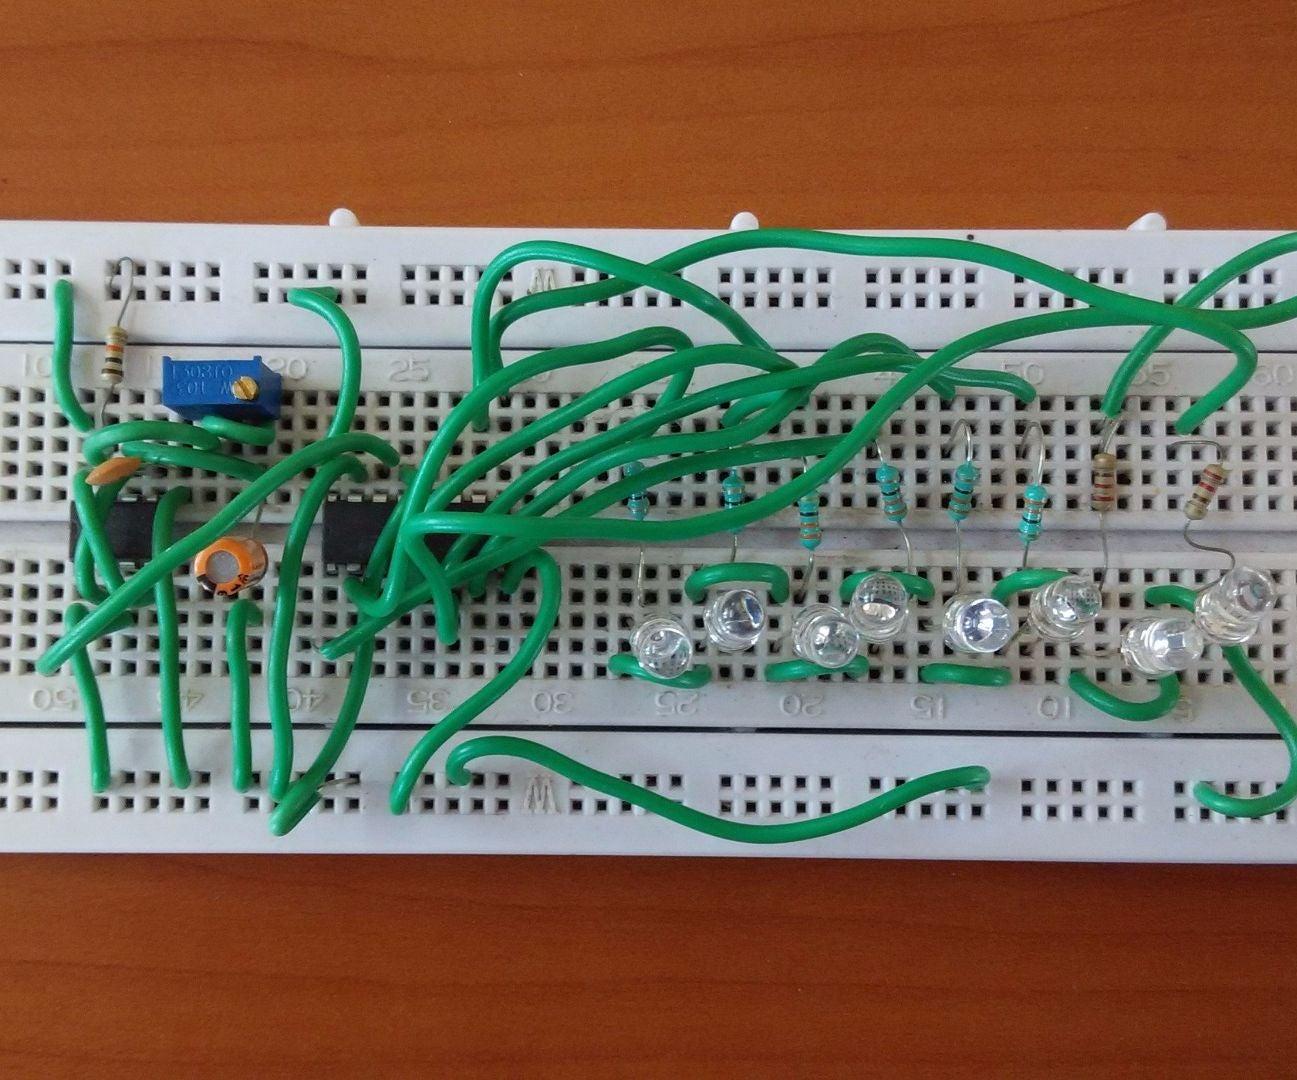 Running Light Chaser Circuit 3 Steps 8 Led Diagram